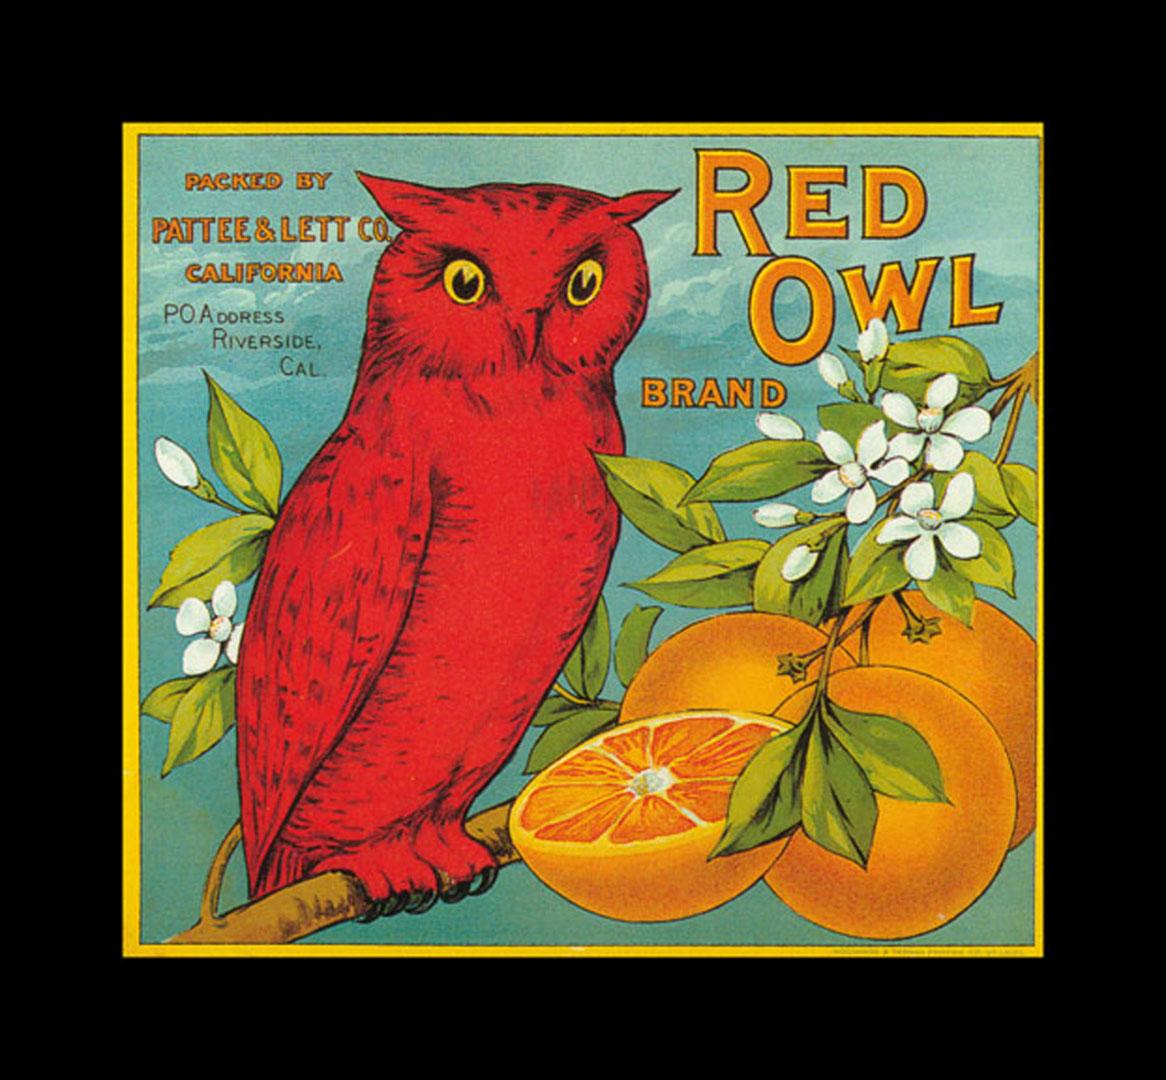 Red Owl Oranges   Vintage Fruit Crate Labels Wallpaper Image 1166x1080